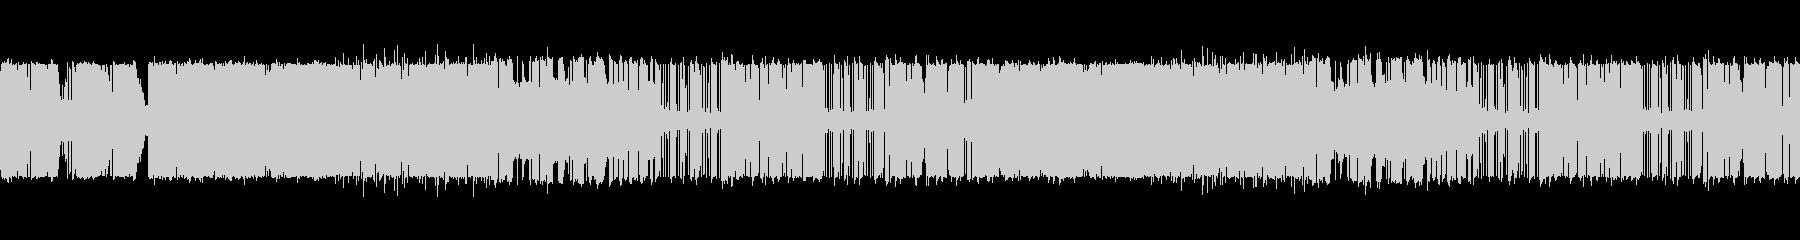 ベースギターとシンセの紋章のイメージ曲の未再生の波形